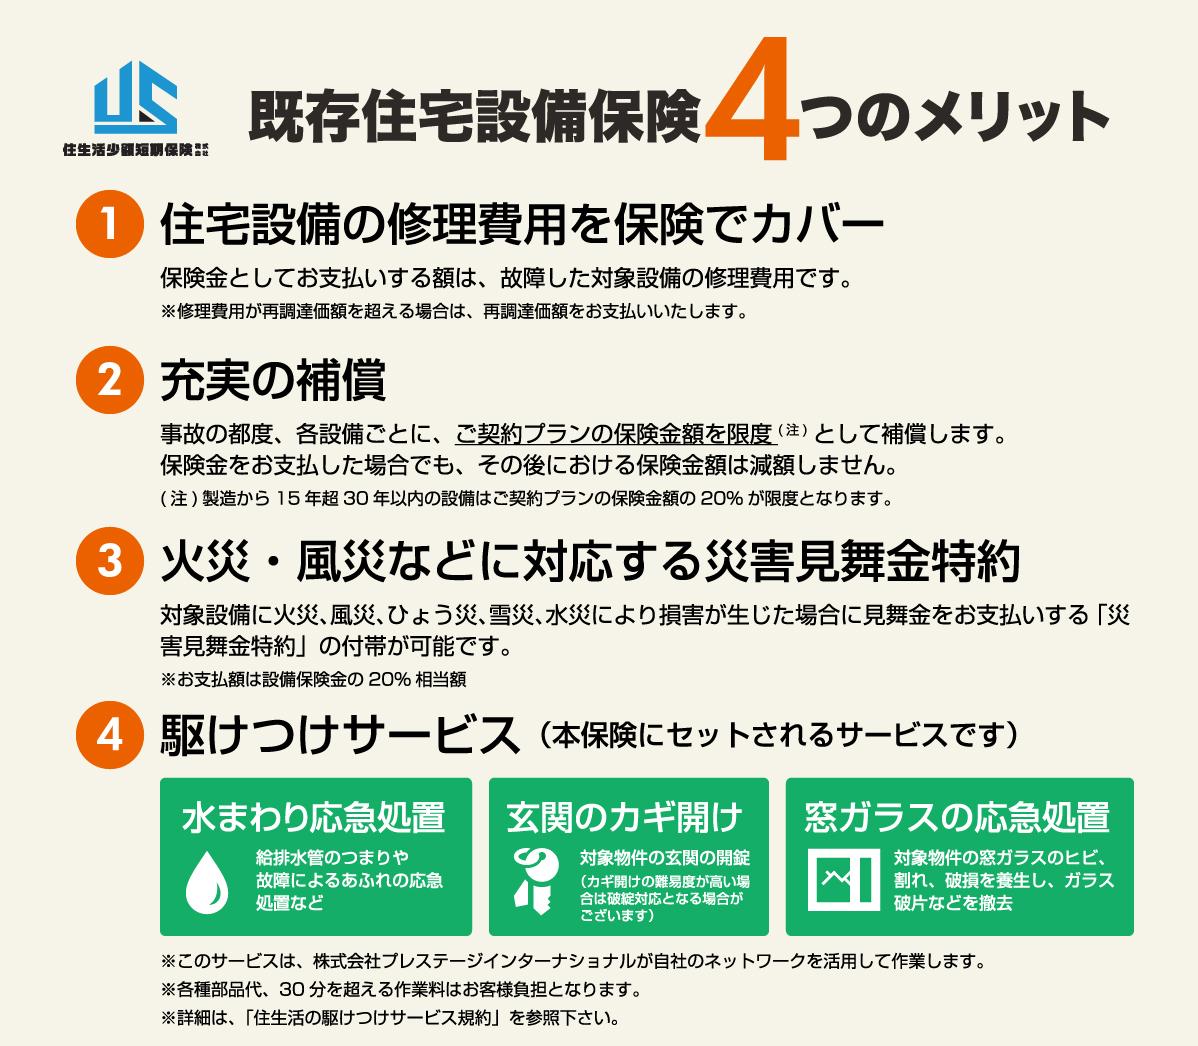 既存住宅設備保険4つのメリット